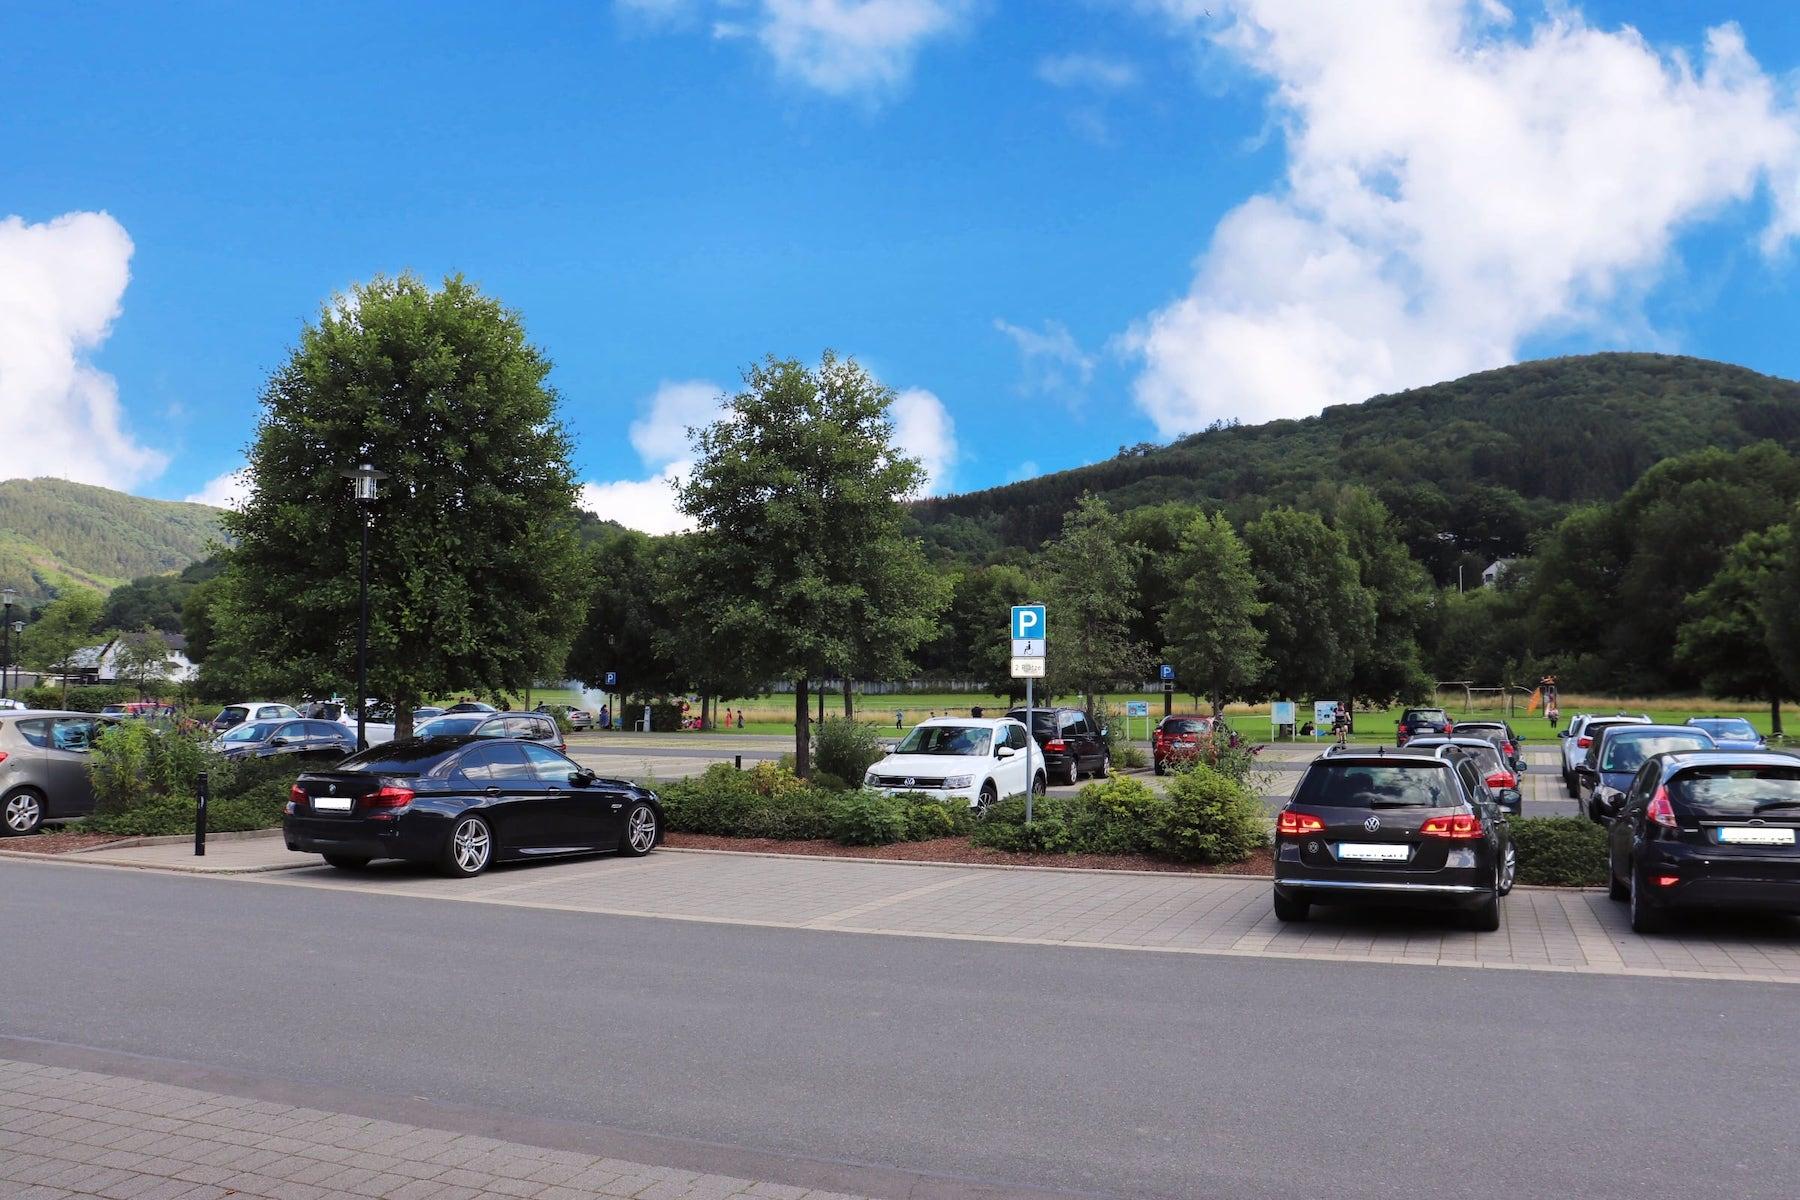 Stellplatz oder Parkplatz für Wohnmobile